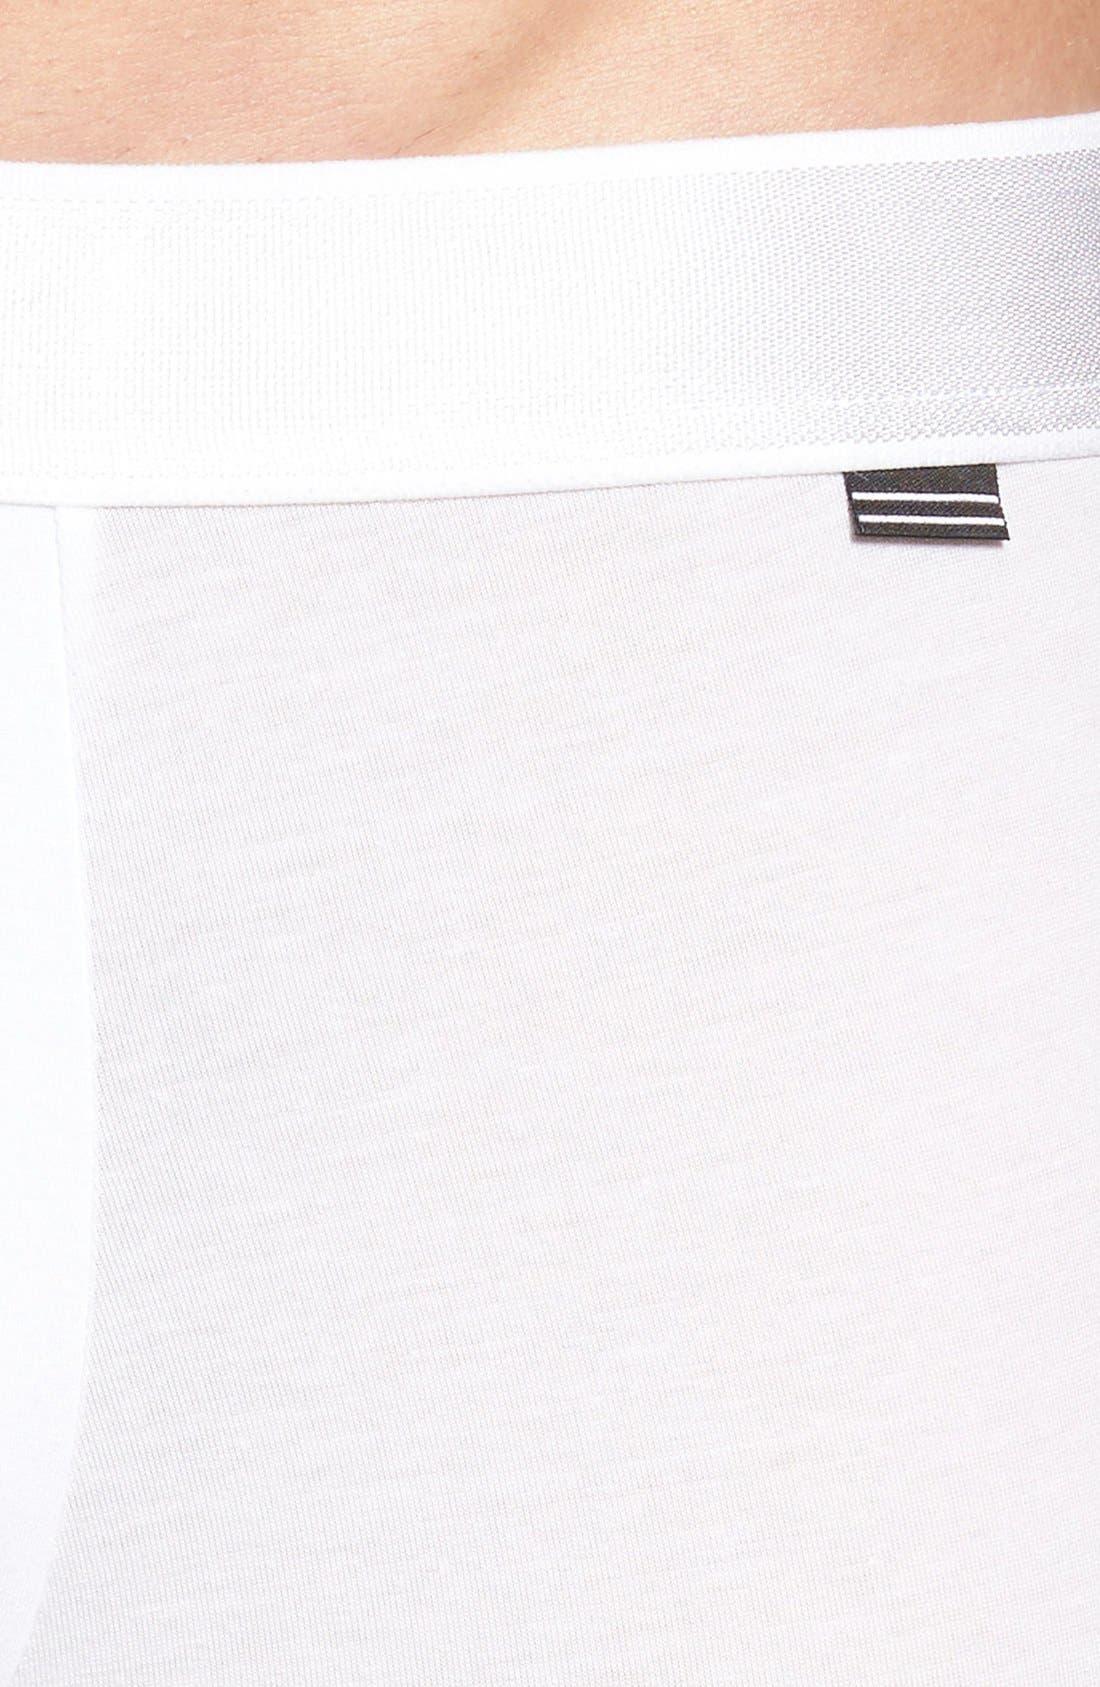 Micromodal Trunks,                             Alternate thumbnail 4, color,                             White